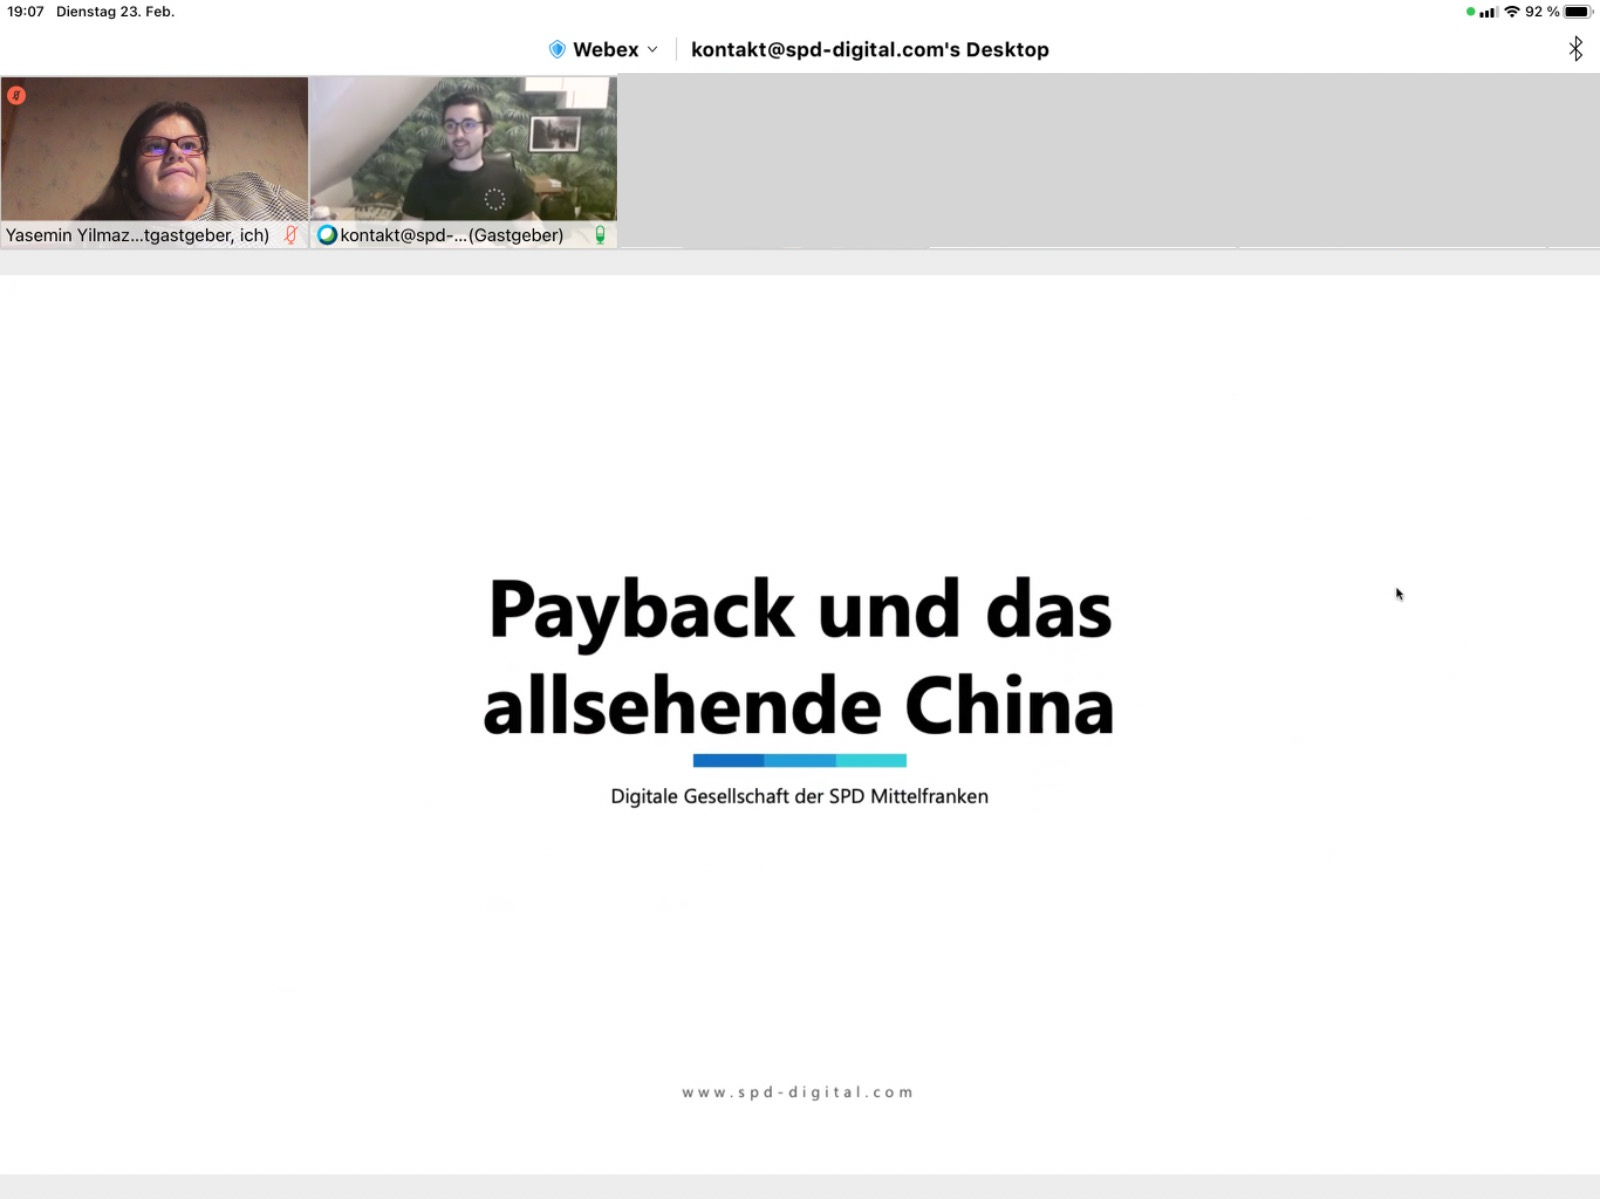 """""""Payback und das allsehende China"""" - Jetzt Seminar online buchen"""